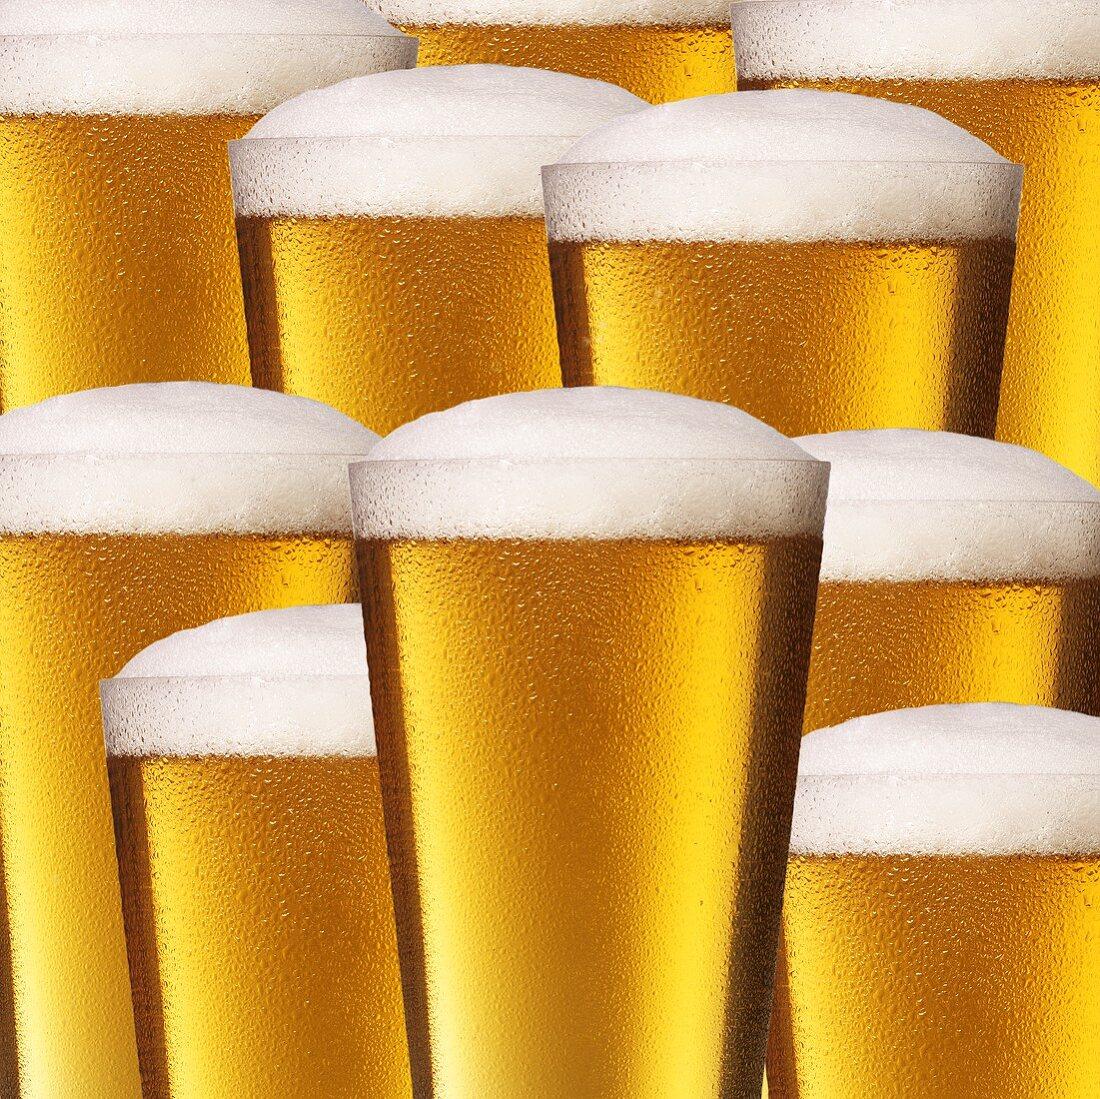 Ten glasses of beer